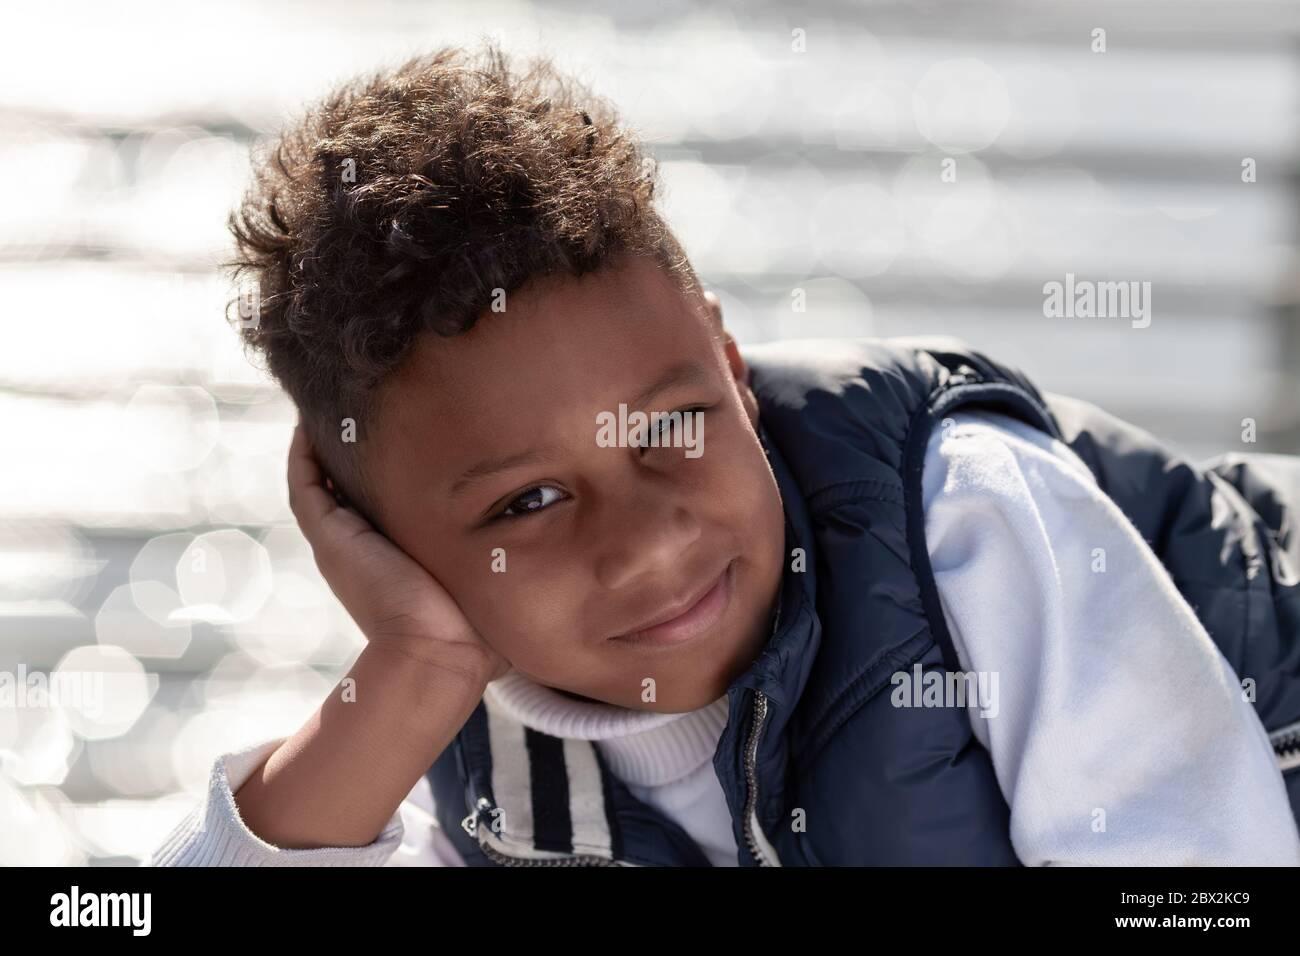 Porträt eines niedlichen kleinen afroamerikanischen Jungen lächelnd Stockfoto